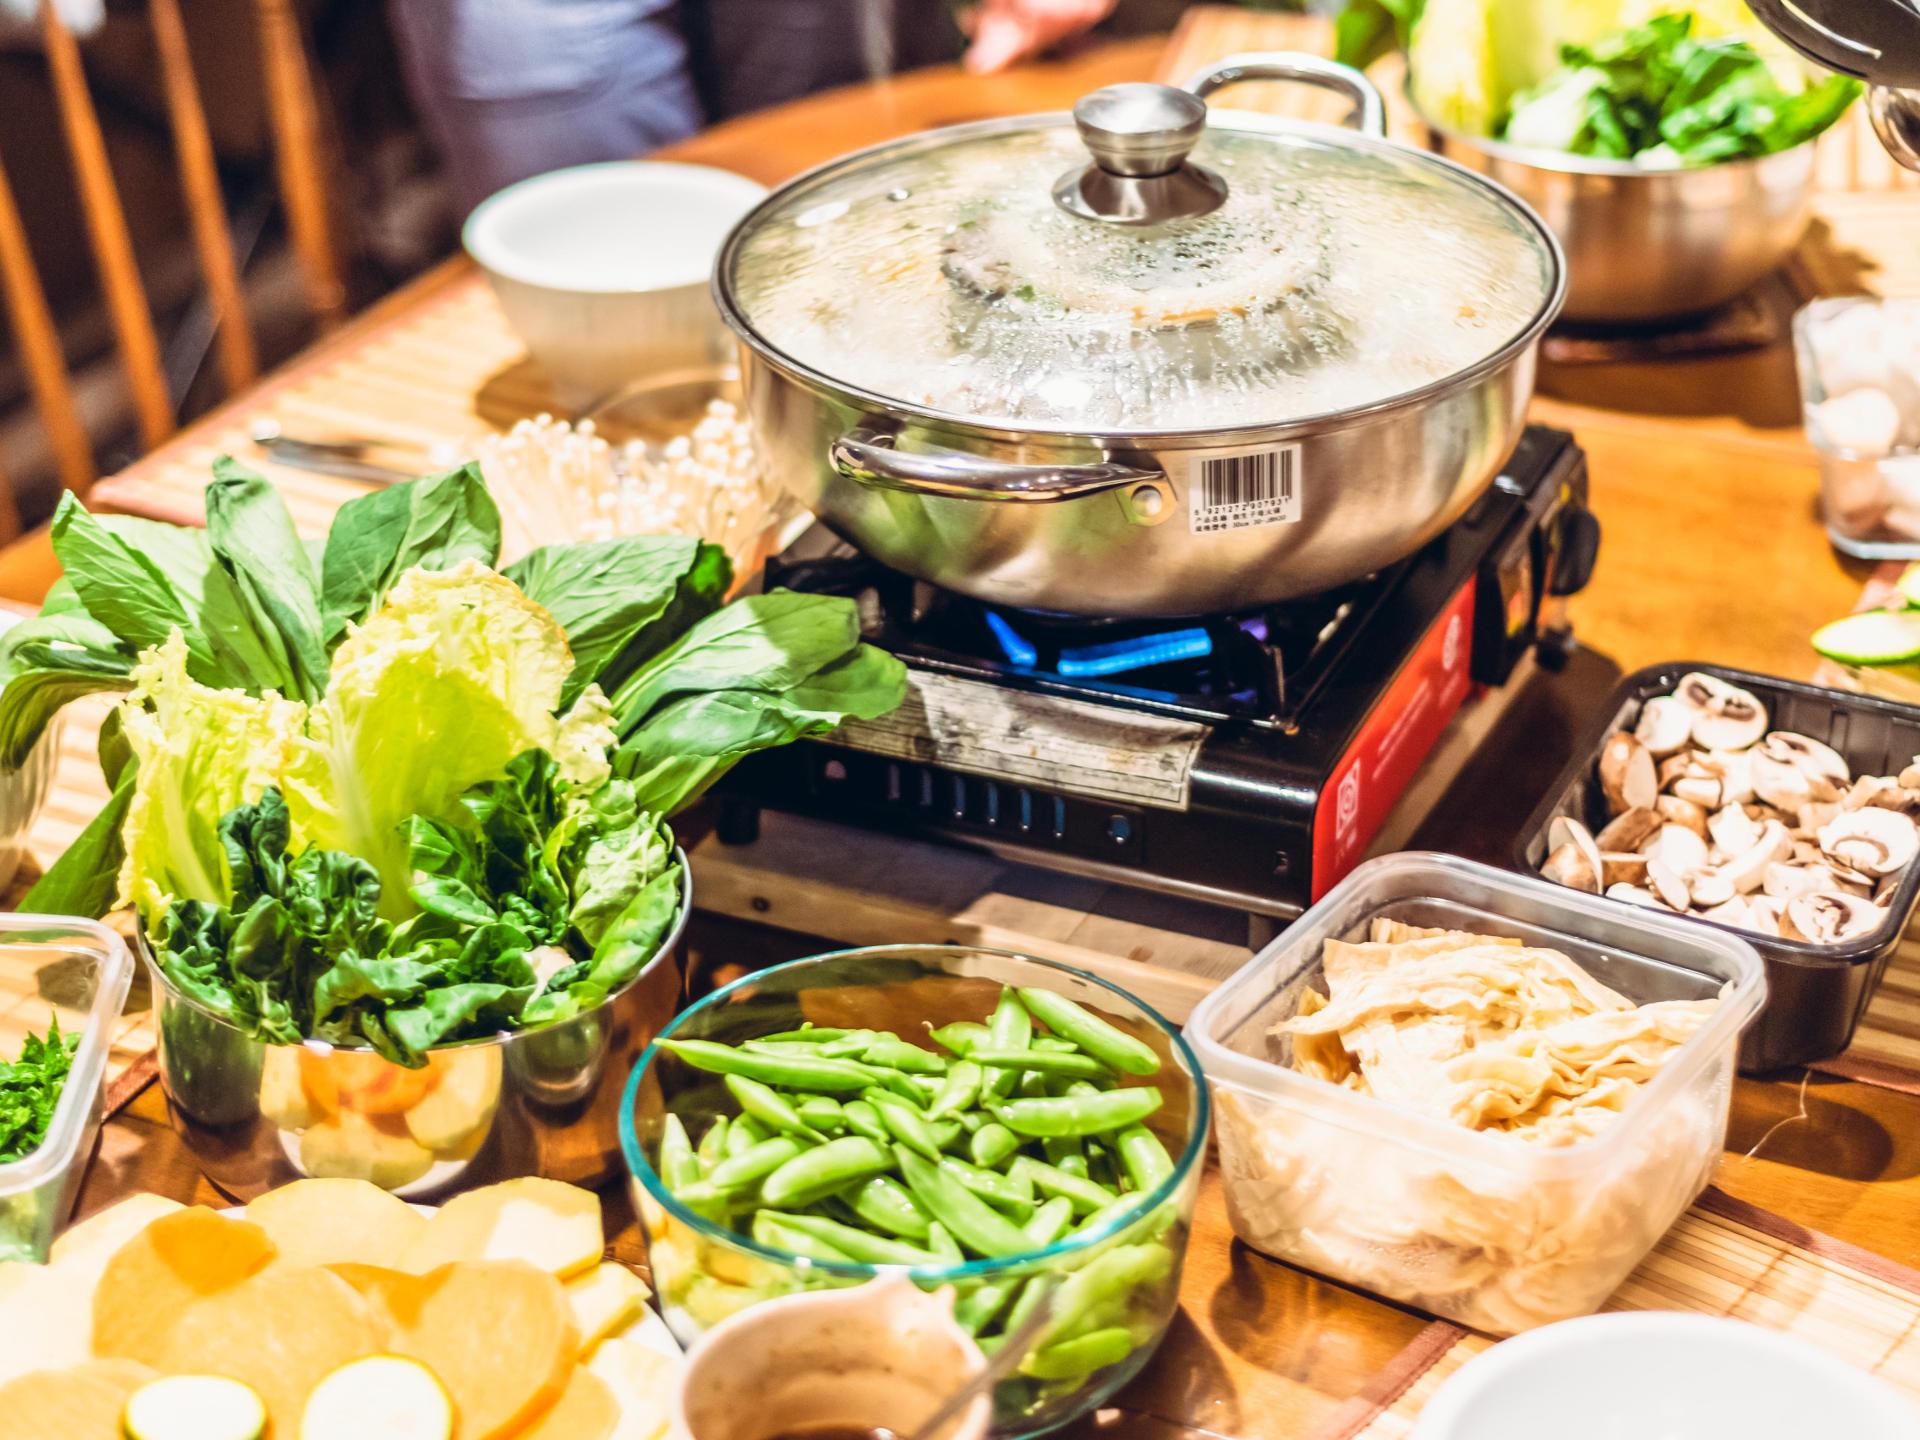 Wenn wir zu viel kochen, und daher unsere Nachbarn einladen, oder ihnen einen Teil anbieten, bauen wir Beziehung auf, und vermeiden, dass das Essen schlecht wird und weggeworfen werden muss. - Photocredit: pixabay.comlsachelny